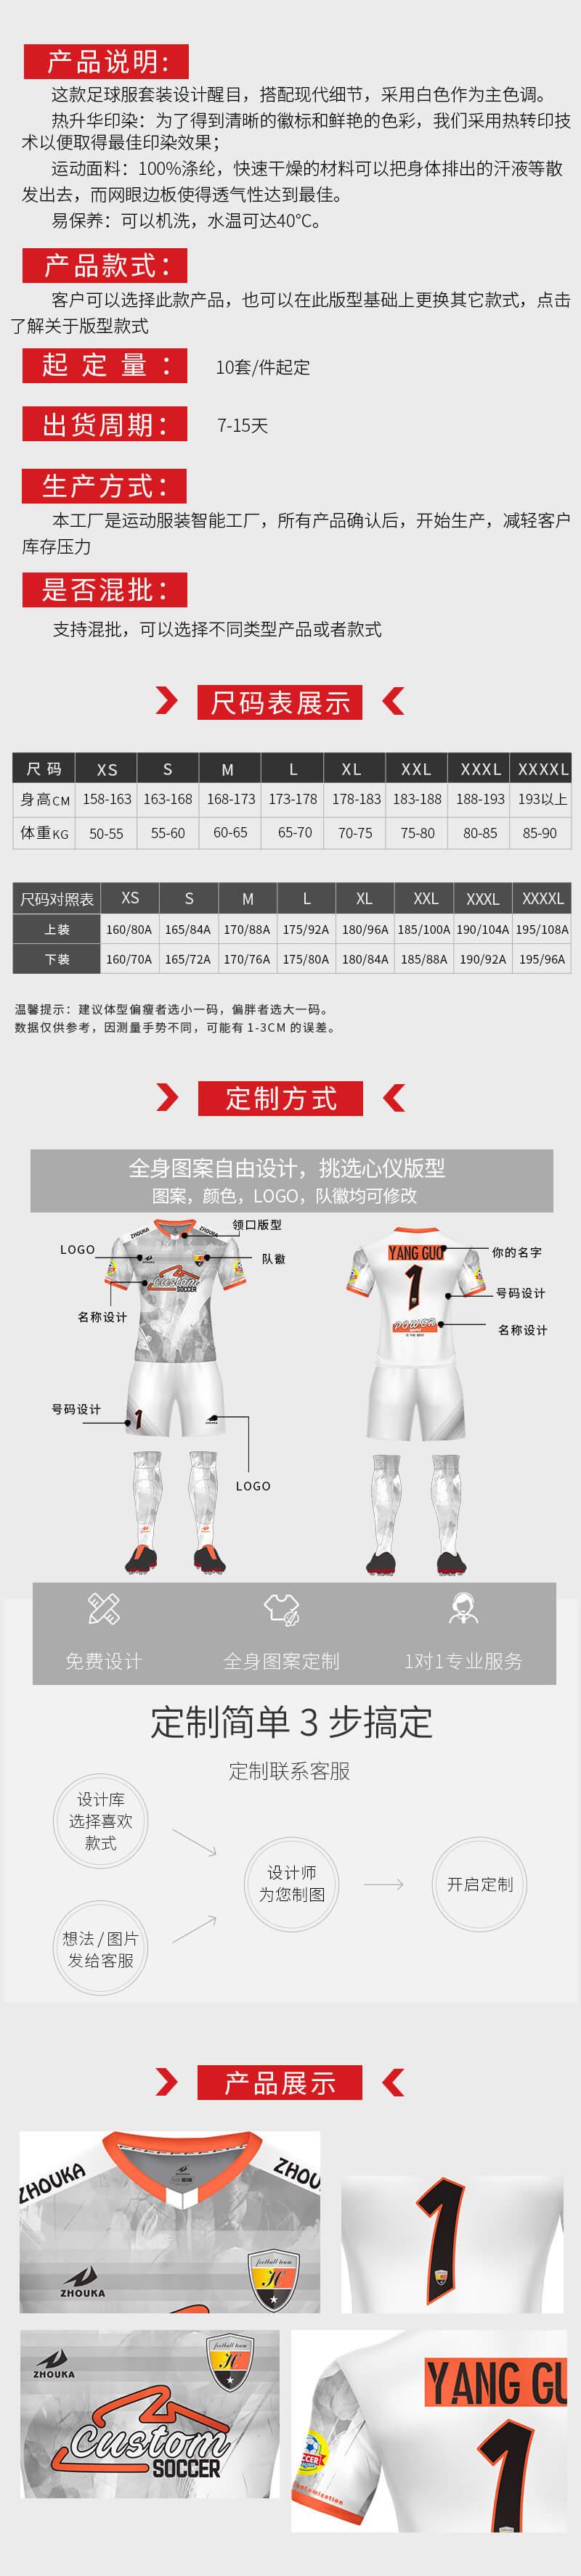 运动服装柔性供应链-洲卡定制